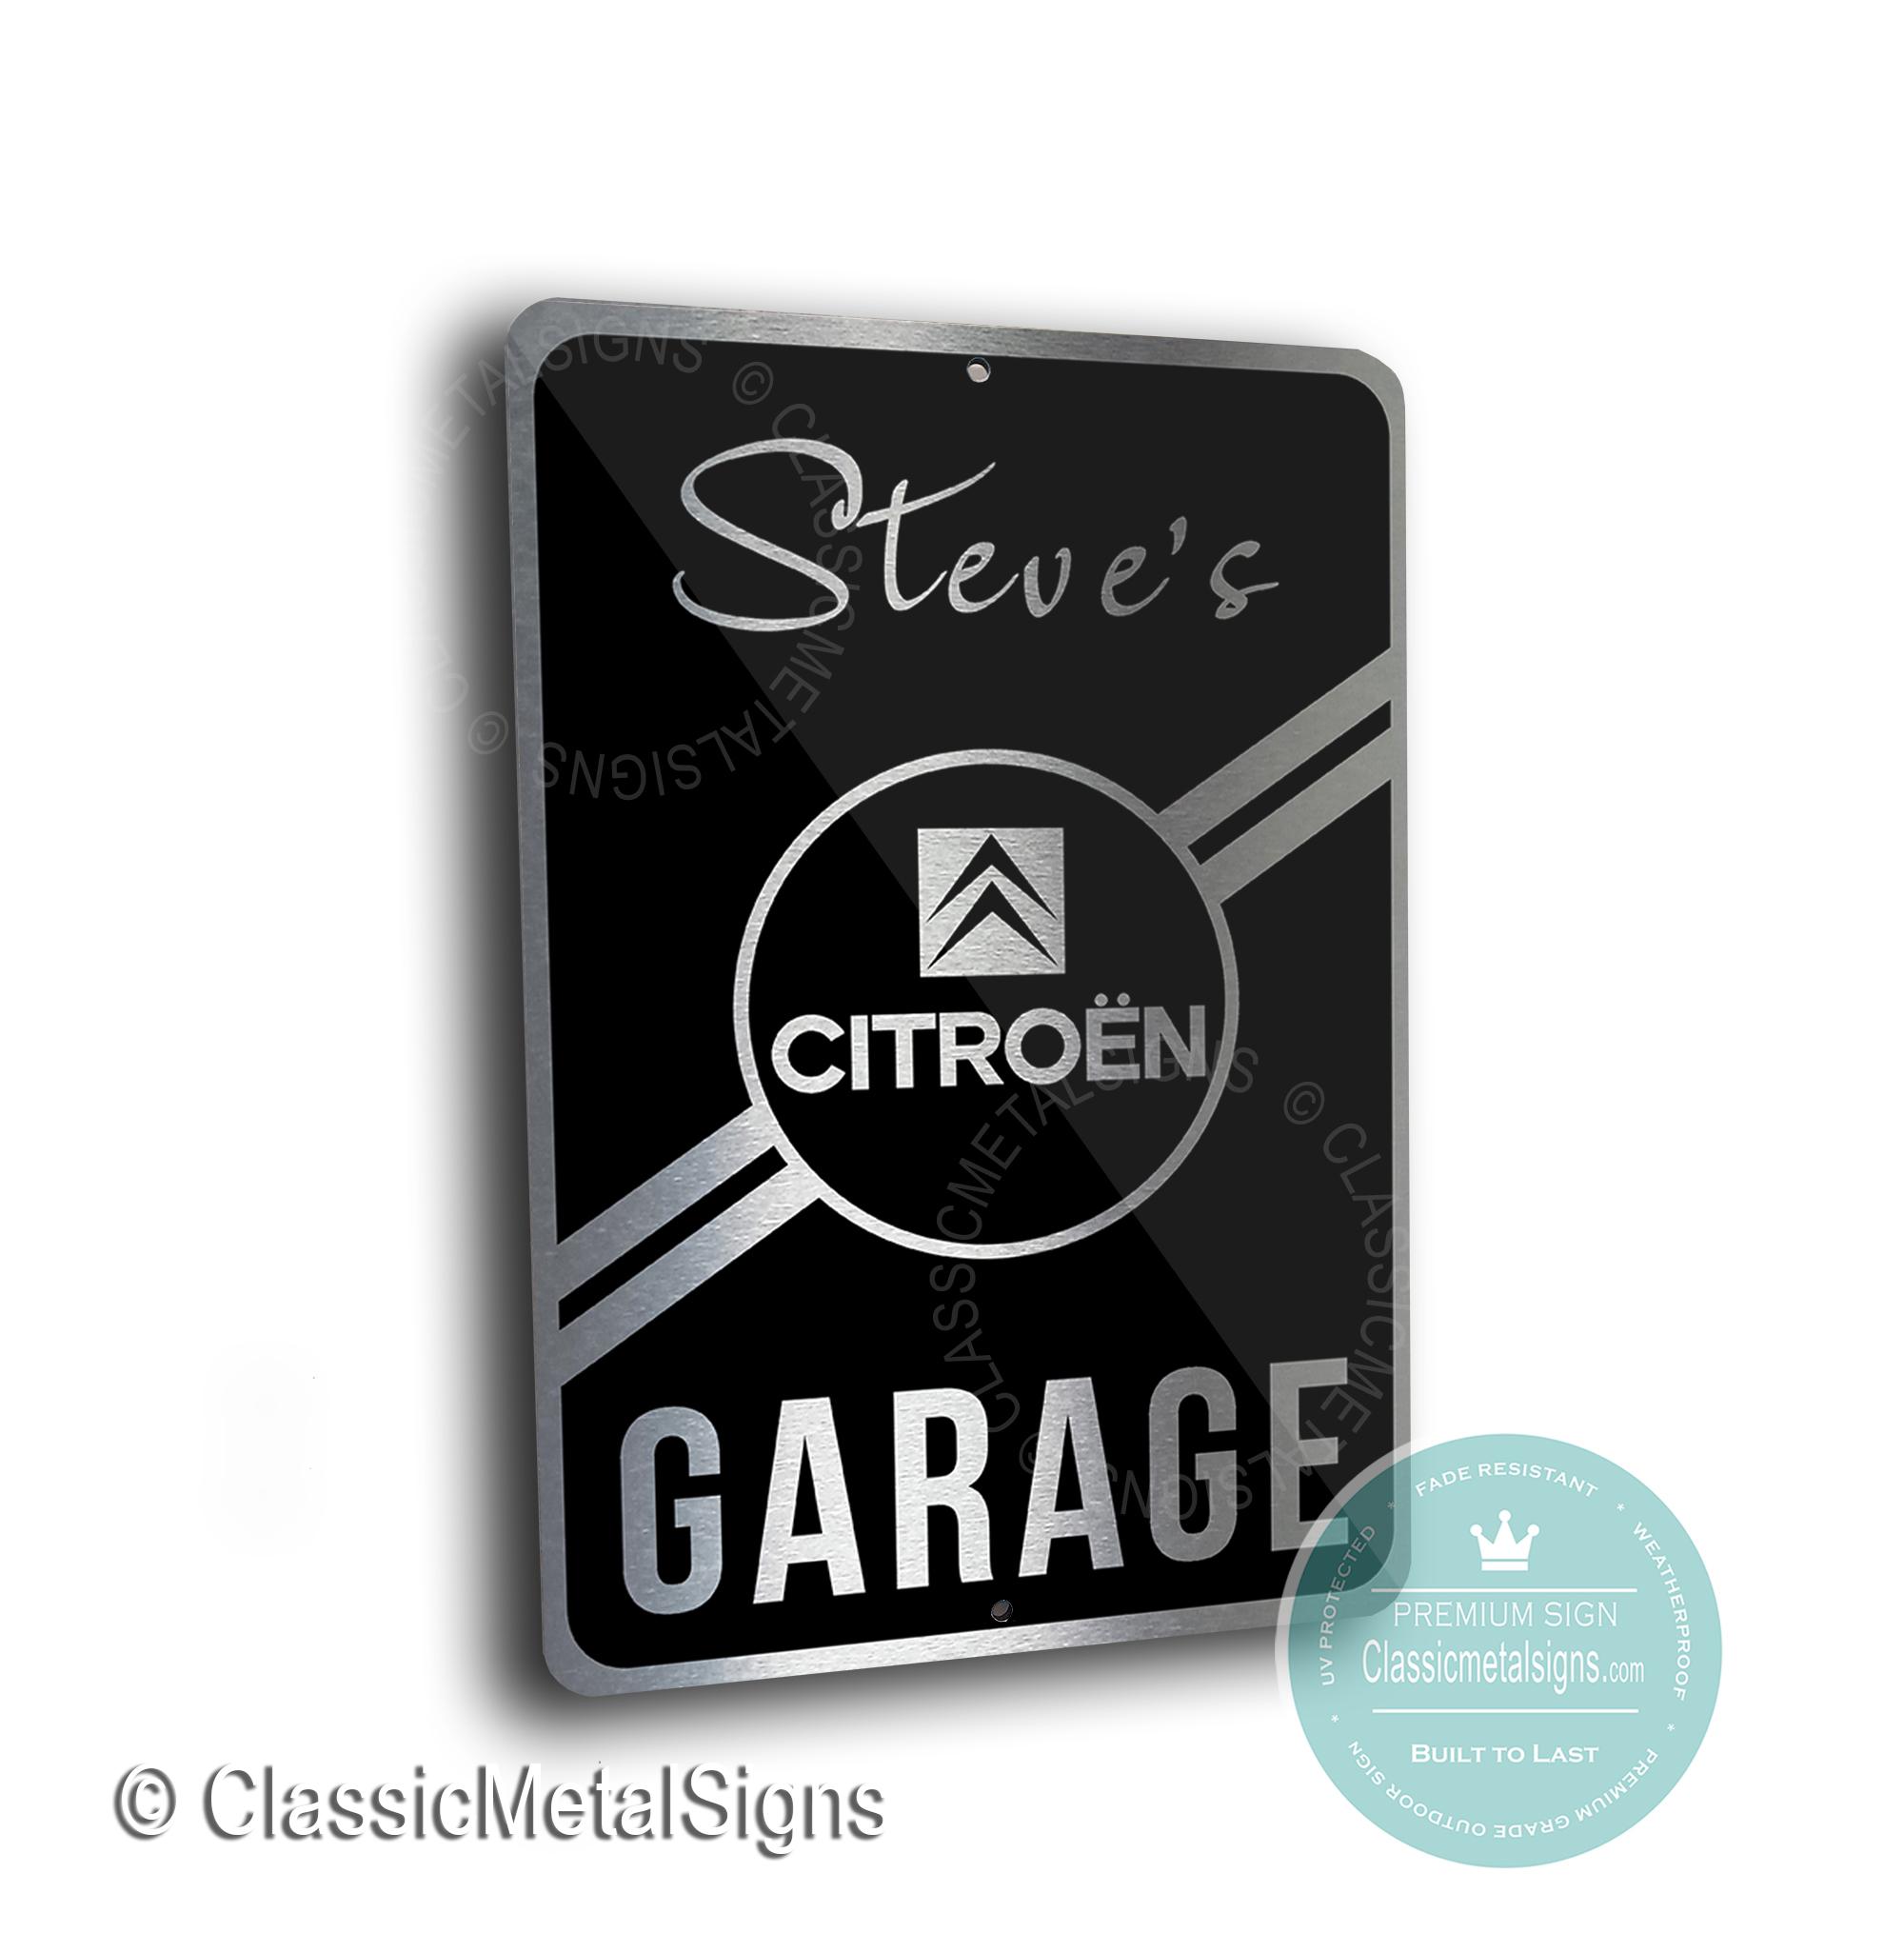 Citroen Garage Signs